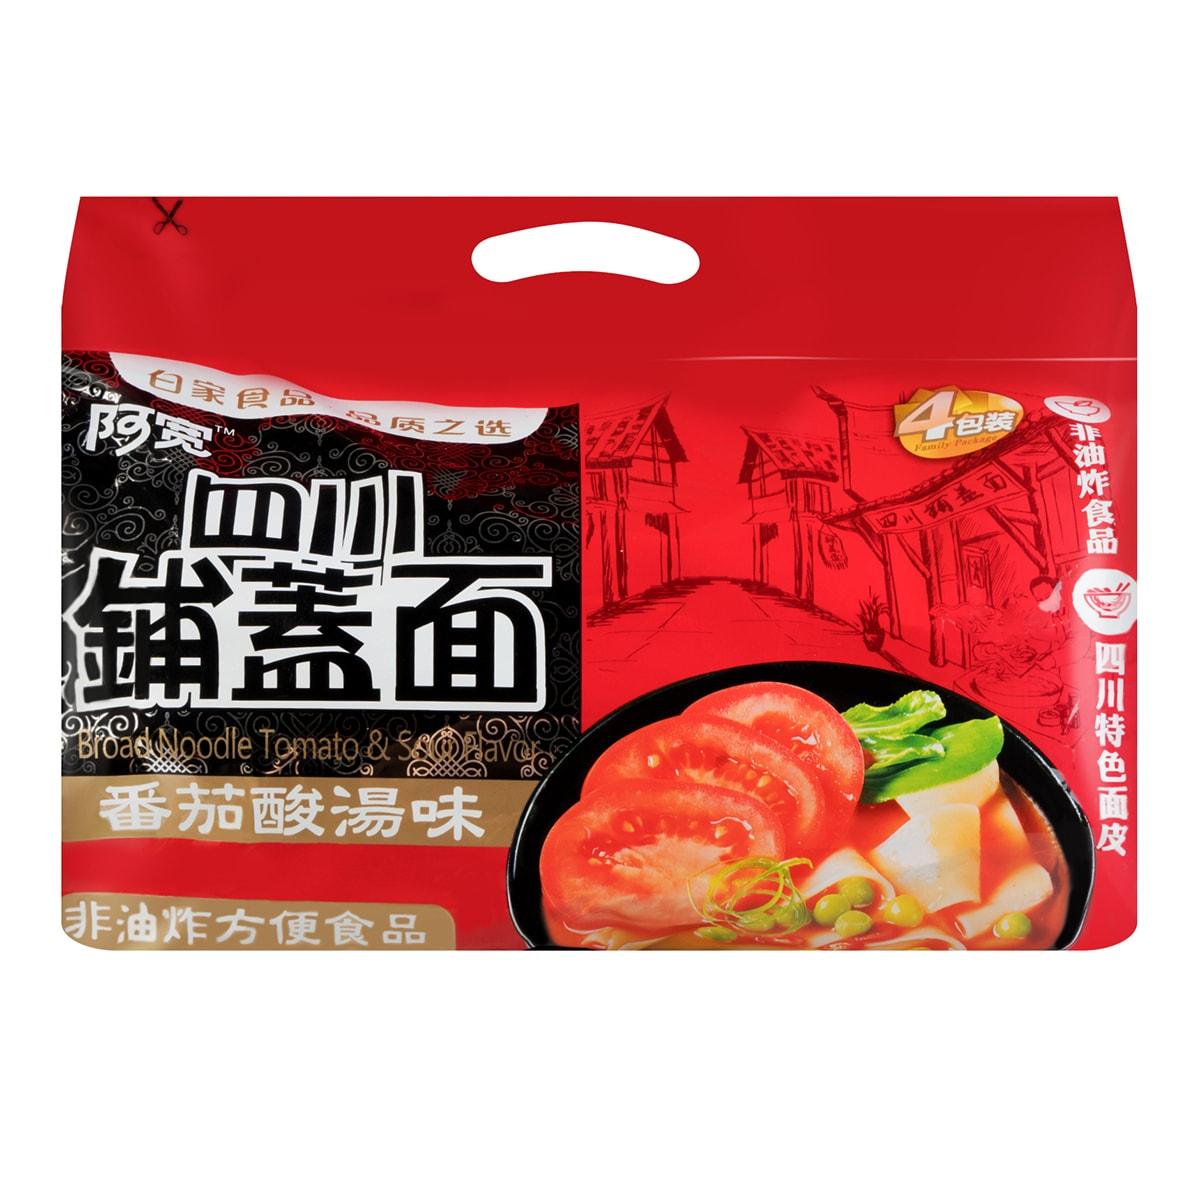 白家陈记 阿宽四川铺盖面 番茄酸汤味 4包入 480g